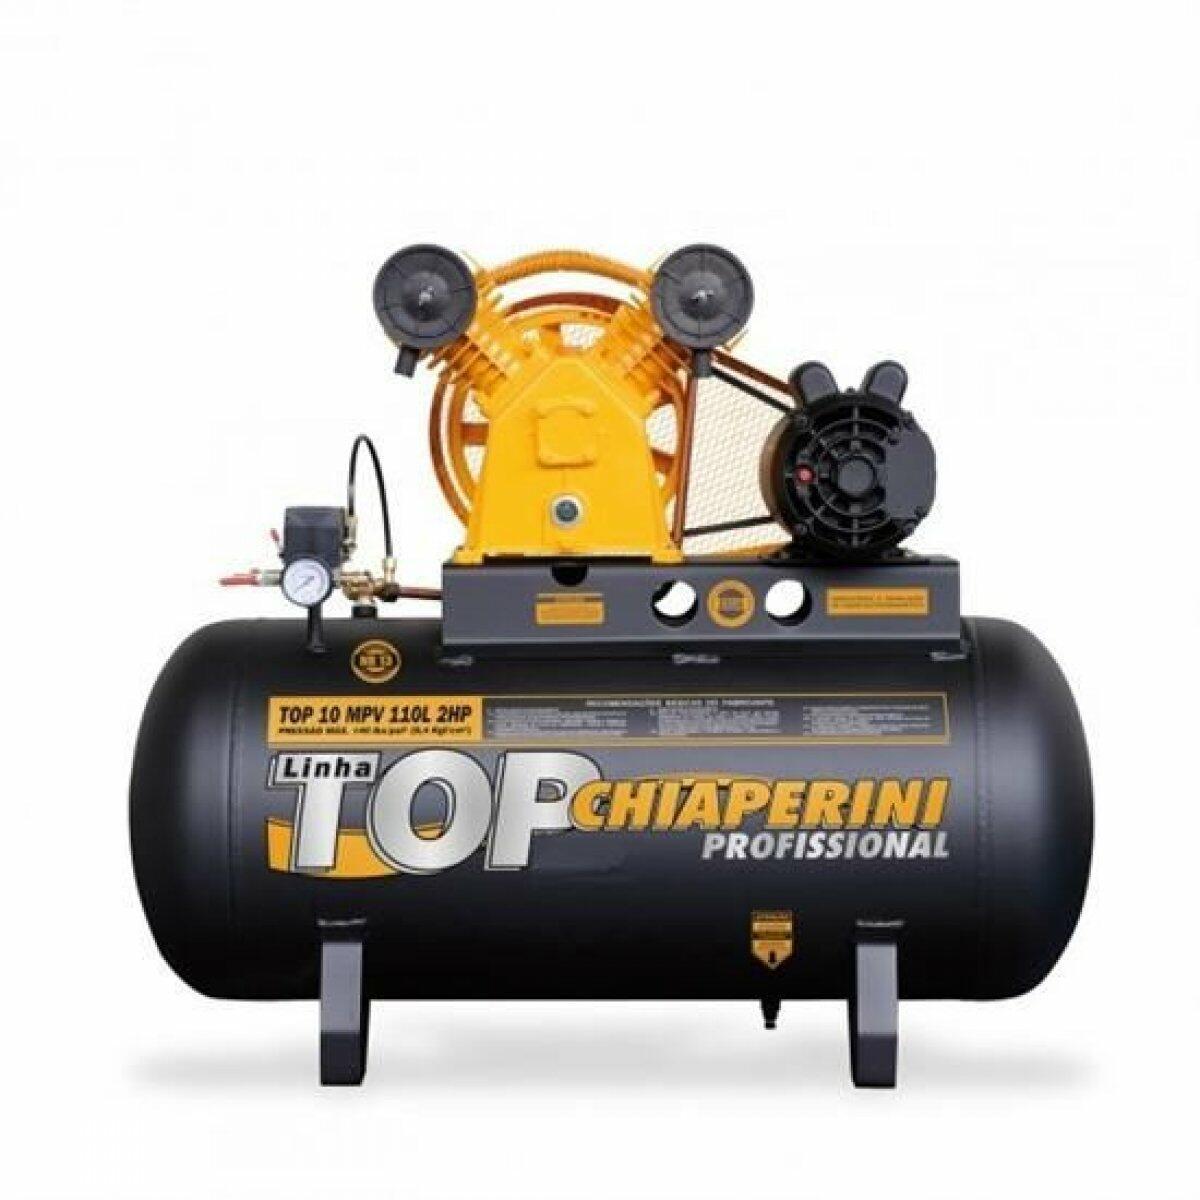 Compressor De Ar 10 Pés 110 Litros Chiaperini TOP10MPV - 220/380V Trifásica